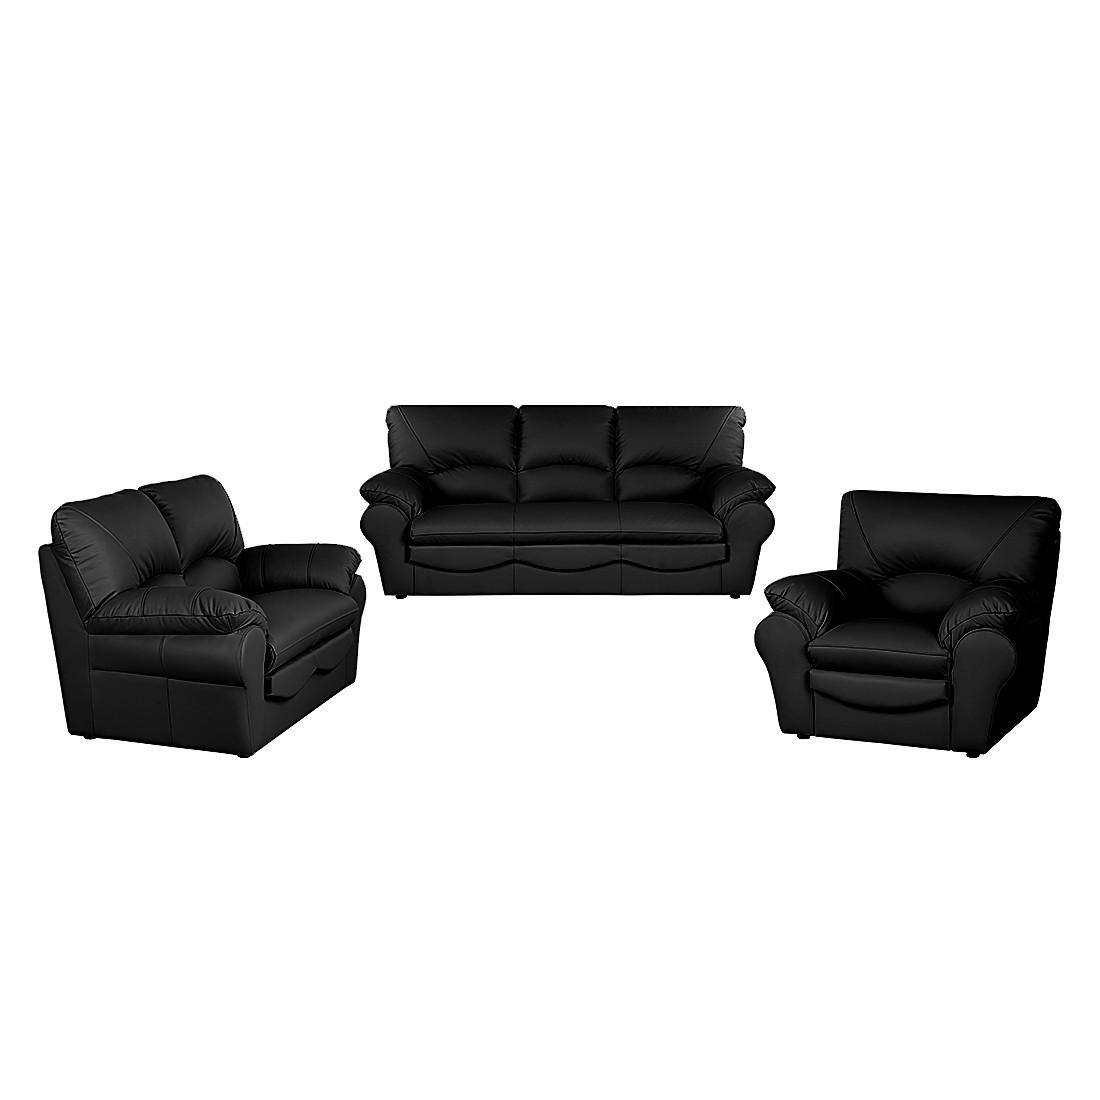 polstergarnitur mit schlaffunktion machen sie den preisvergleich bei nextag. Black Bedroom Furniture Sets. Home Design Ideas